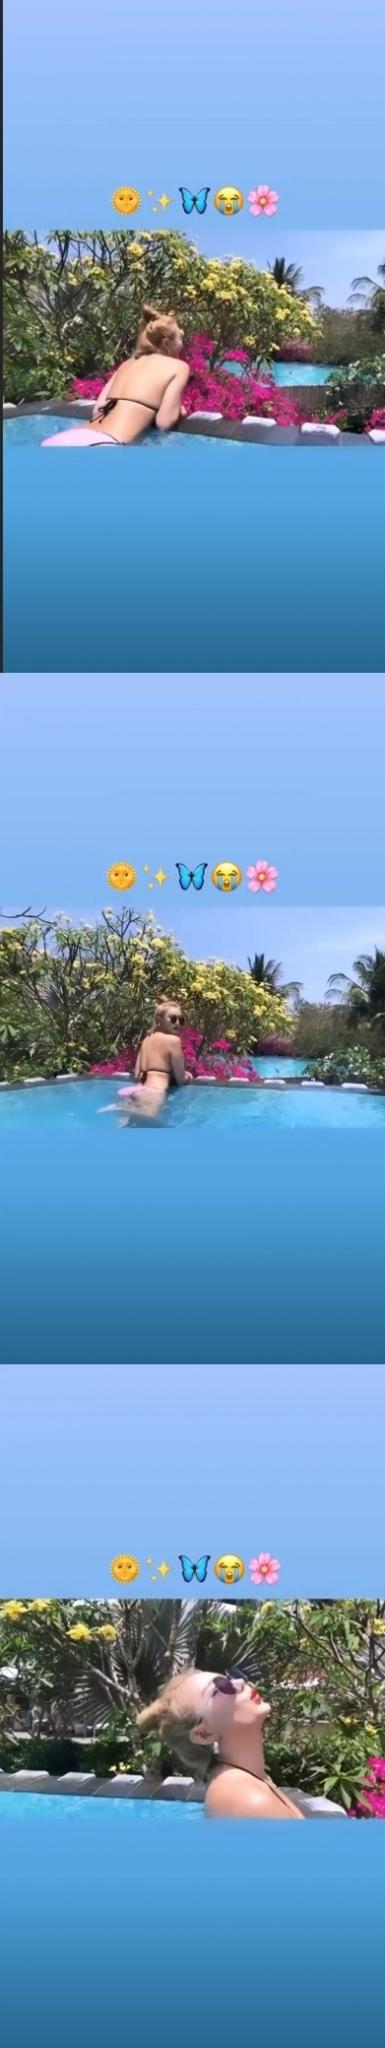 EXID LE, 수영장서 뽐낸 비키니 뒤태..'여유로워 보여'